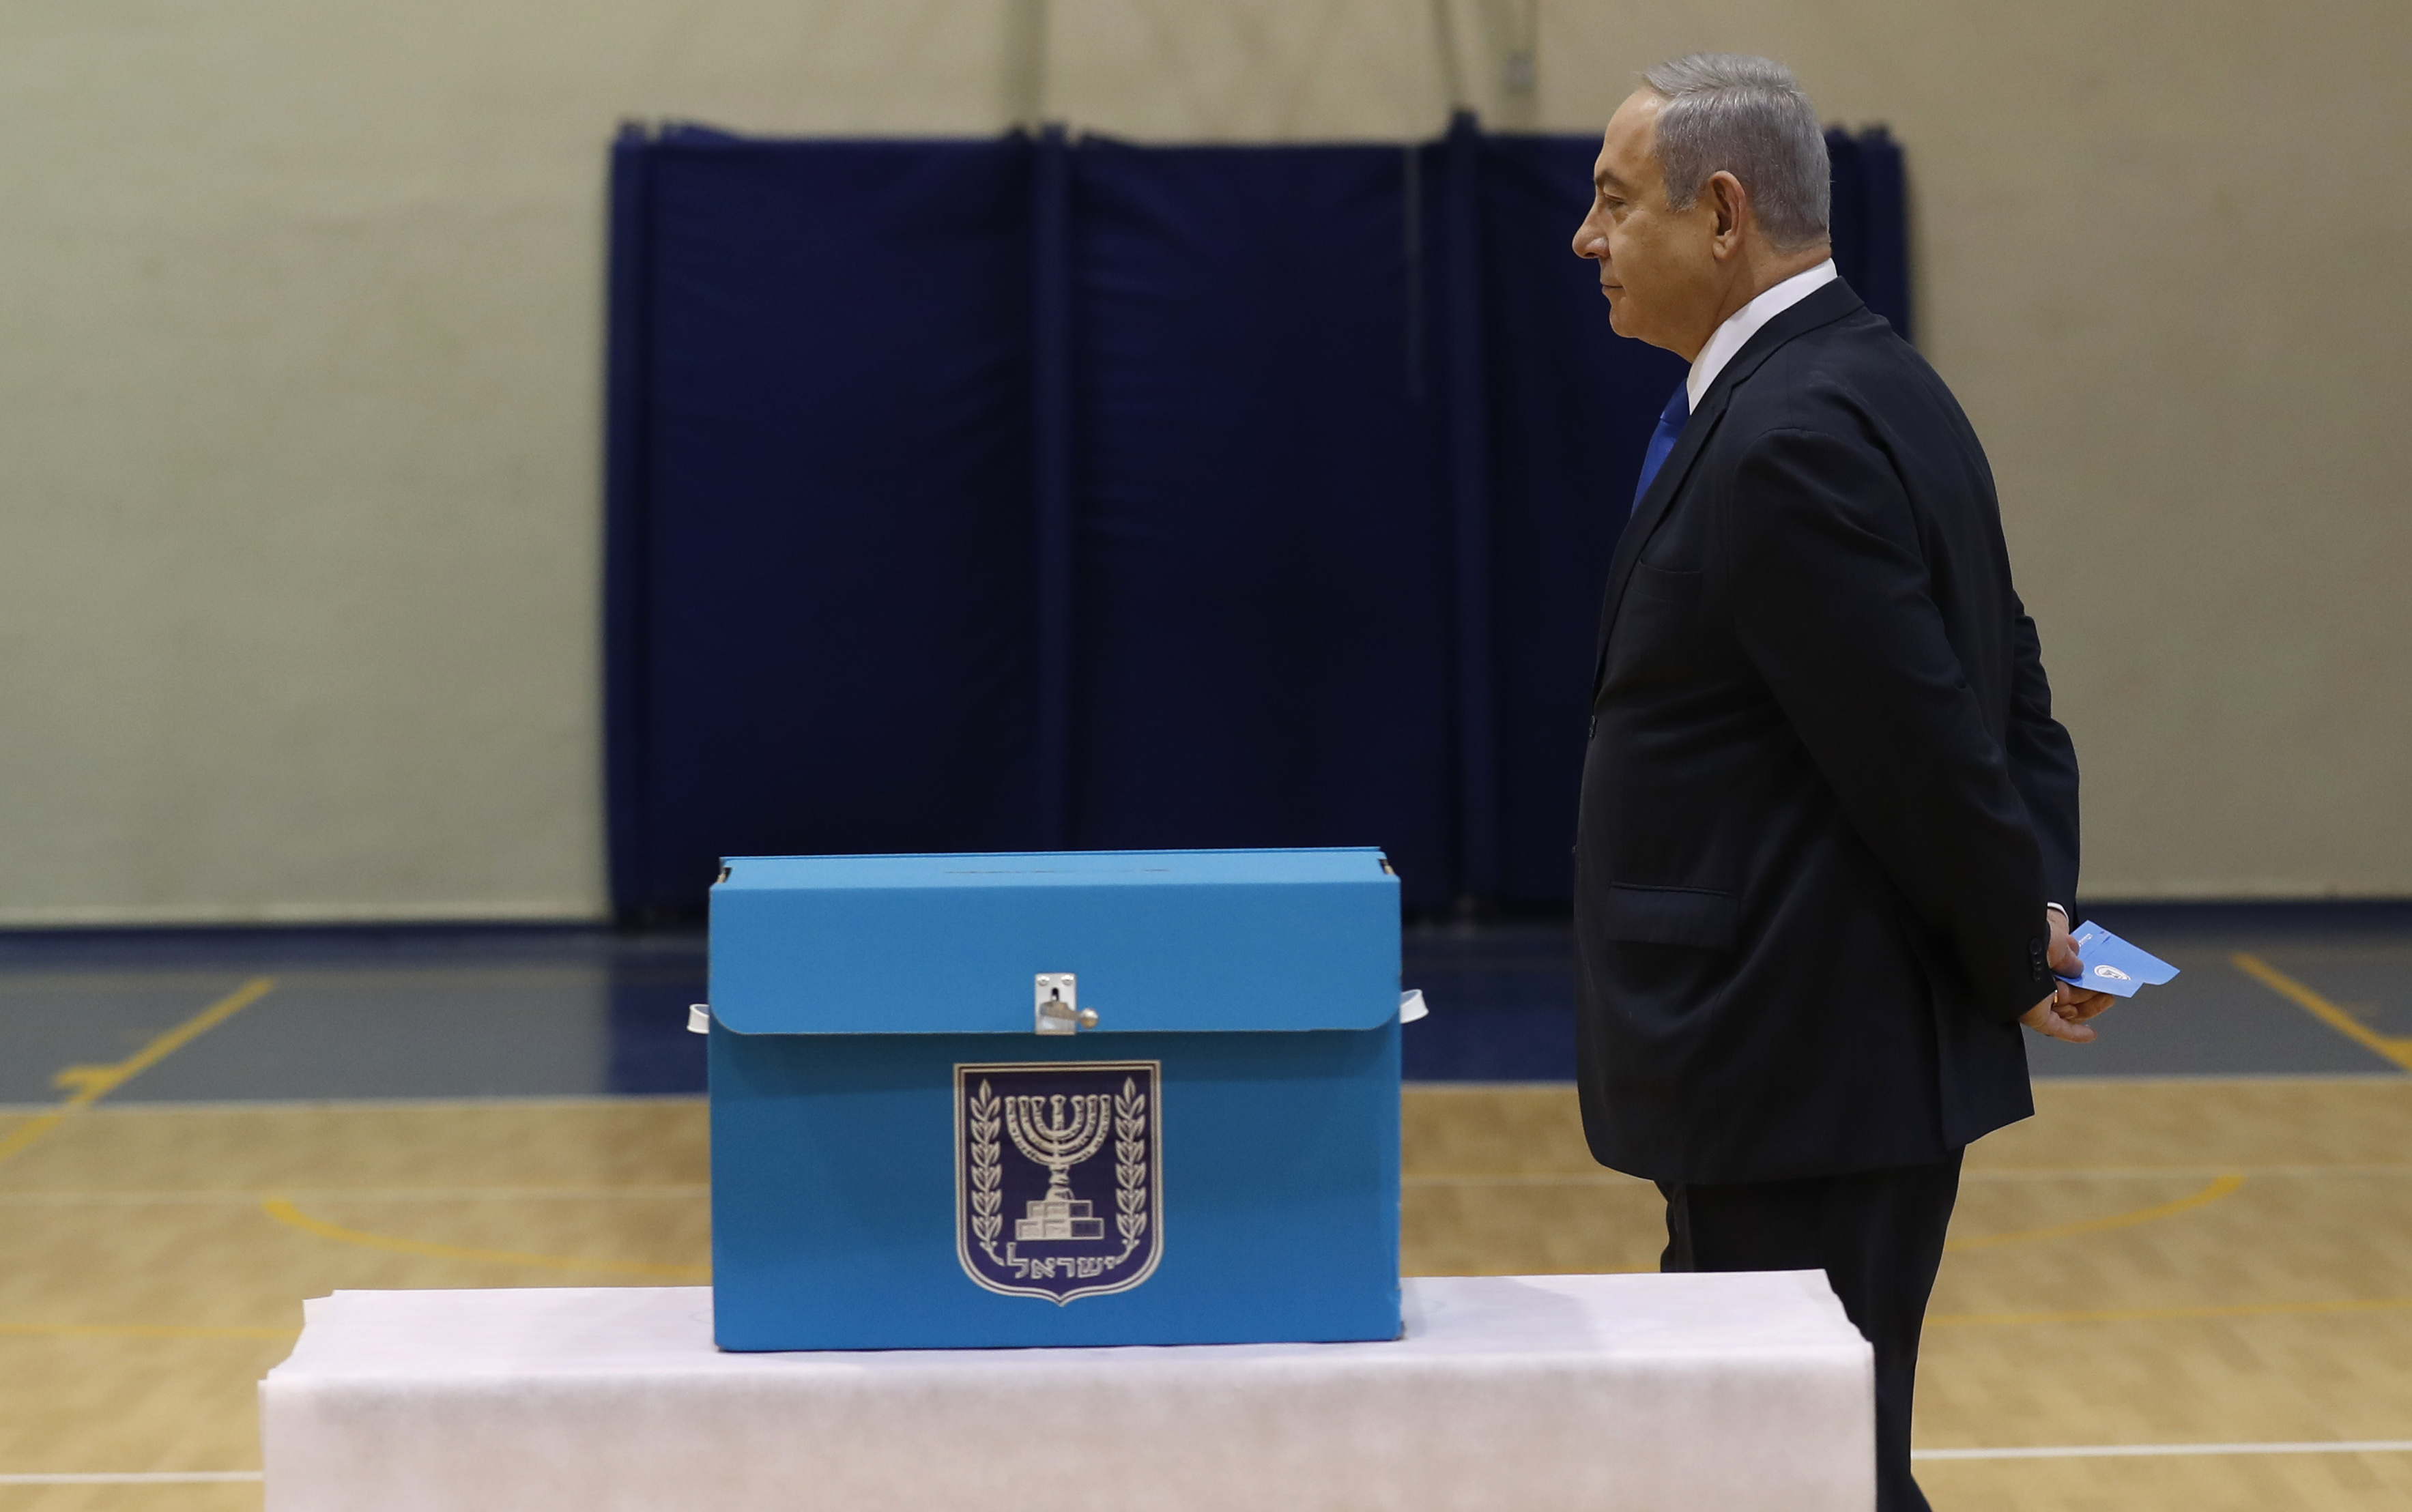 Az exit pollok szerint Netanjahu pártja szerezte a legtöbb mandátumot az izraeli választáson